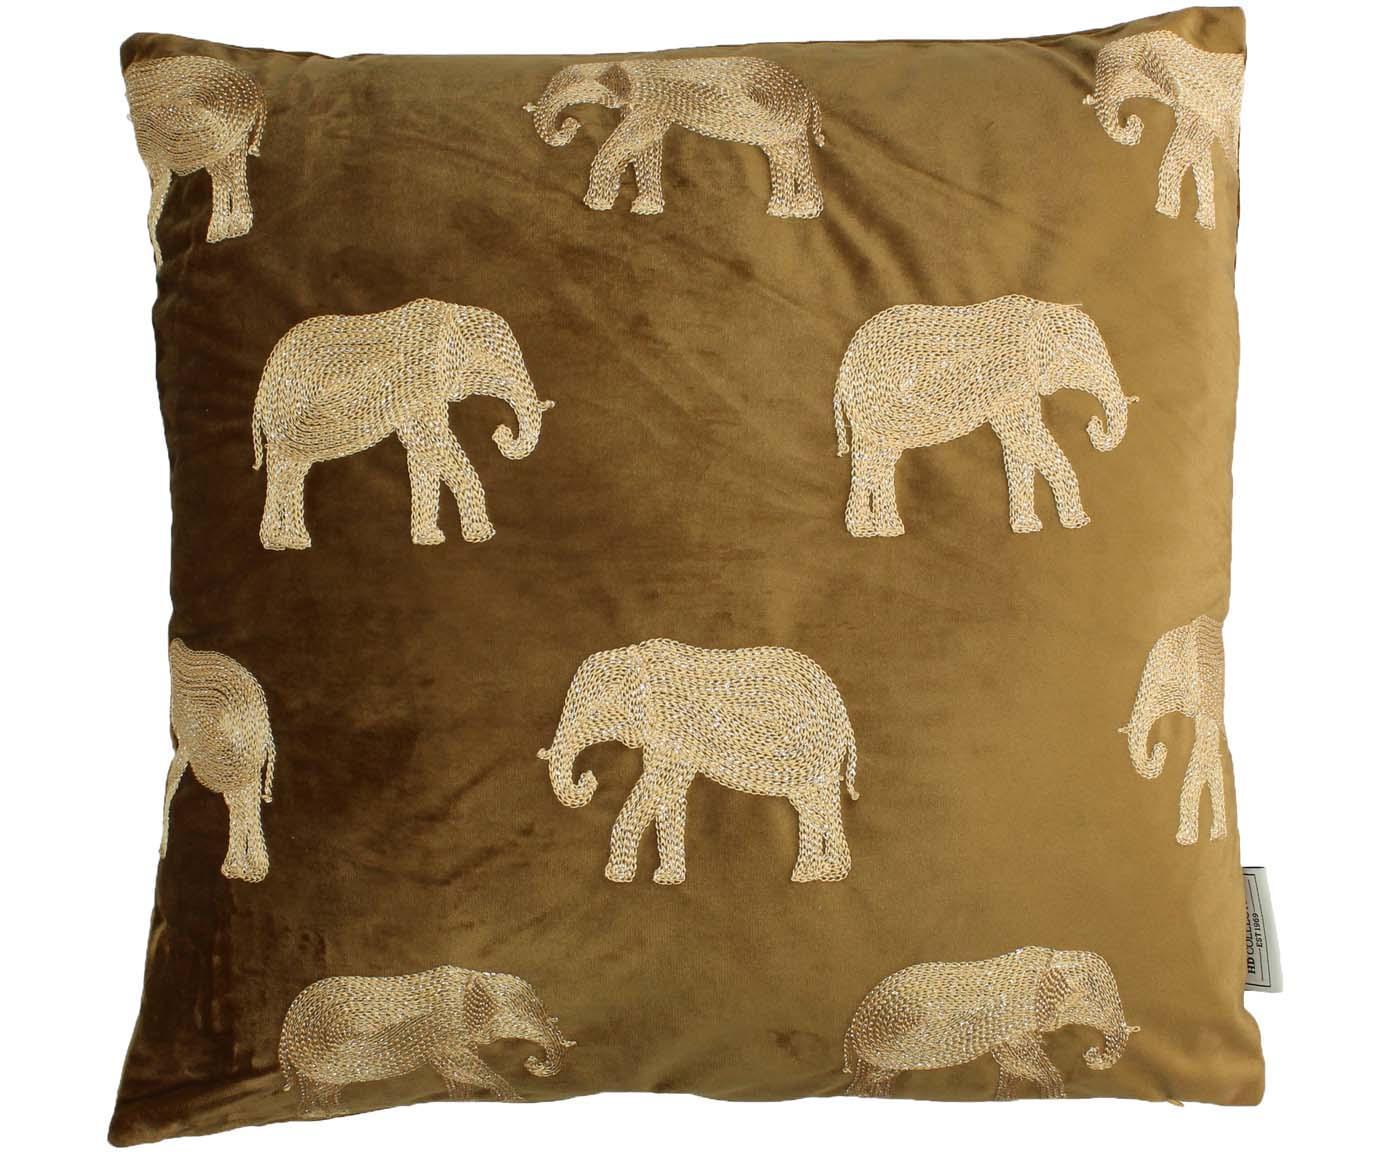 Cojín bordado de terciopelo Elephant, con relleno, 100%terciopelo (poliéster), Marrón, dorado, An 45 x L 45 cm